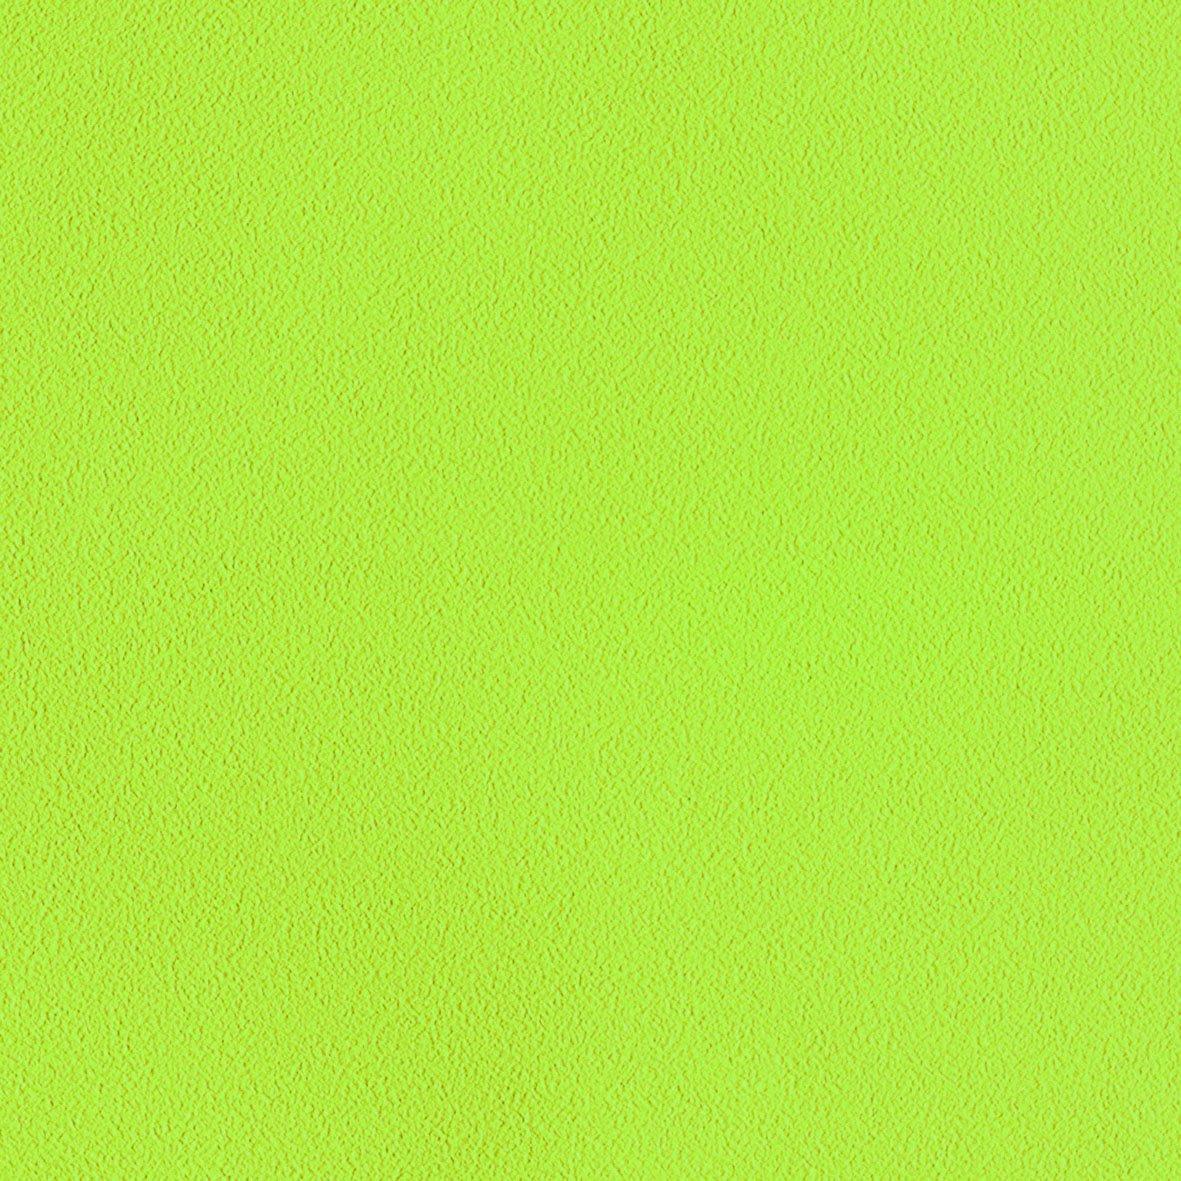 グループ8 m単位の購入よりお買得 選べる150種類 生のり付き 壁紙 30m 柄物壁紙 【CC-VS7055】 JQ5 B00OARSDBW CC-VS7055